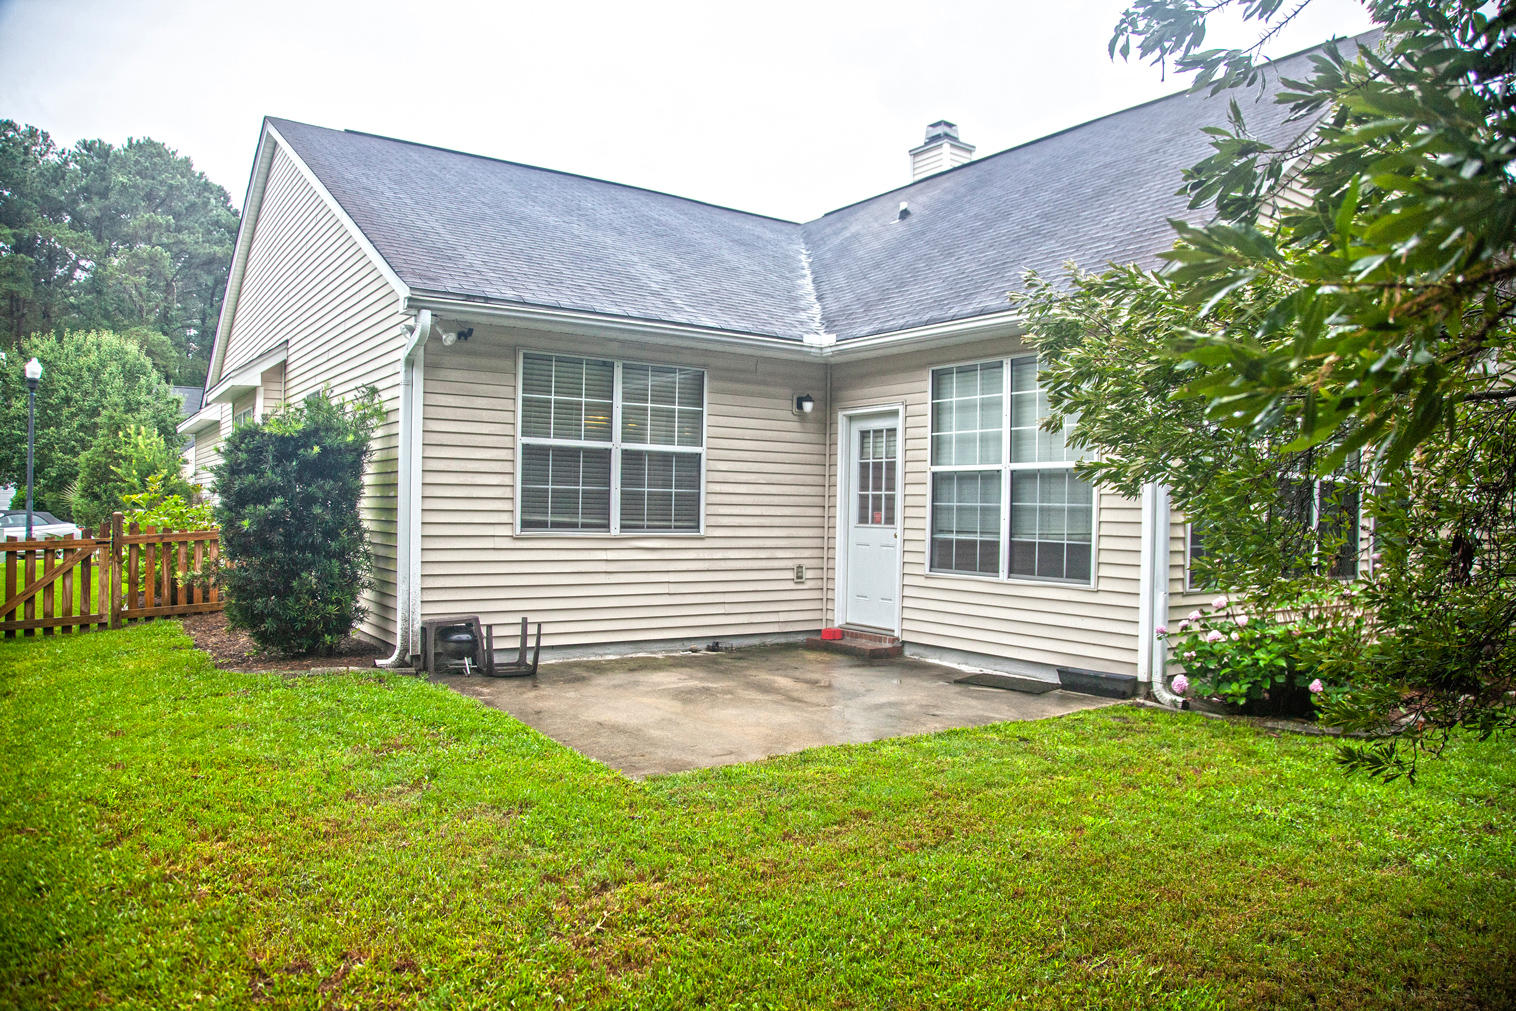 Park West Homes For Sale - 3190 John Bartram Place, Mount Pleasant, SC - 27